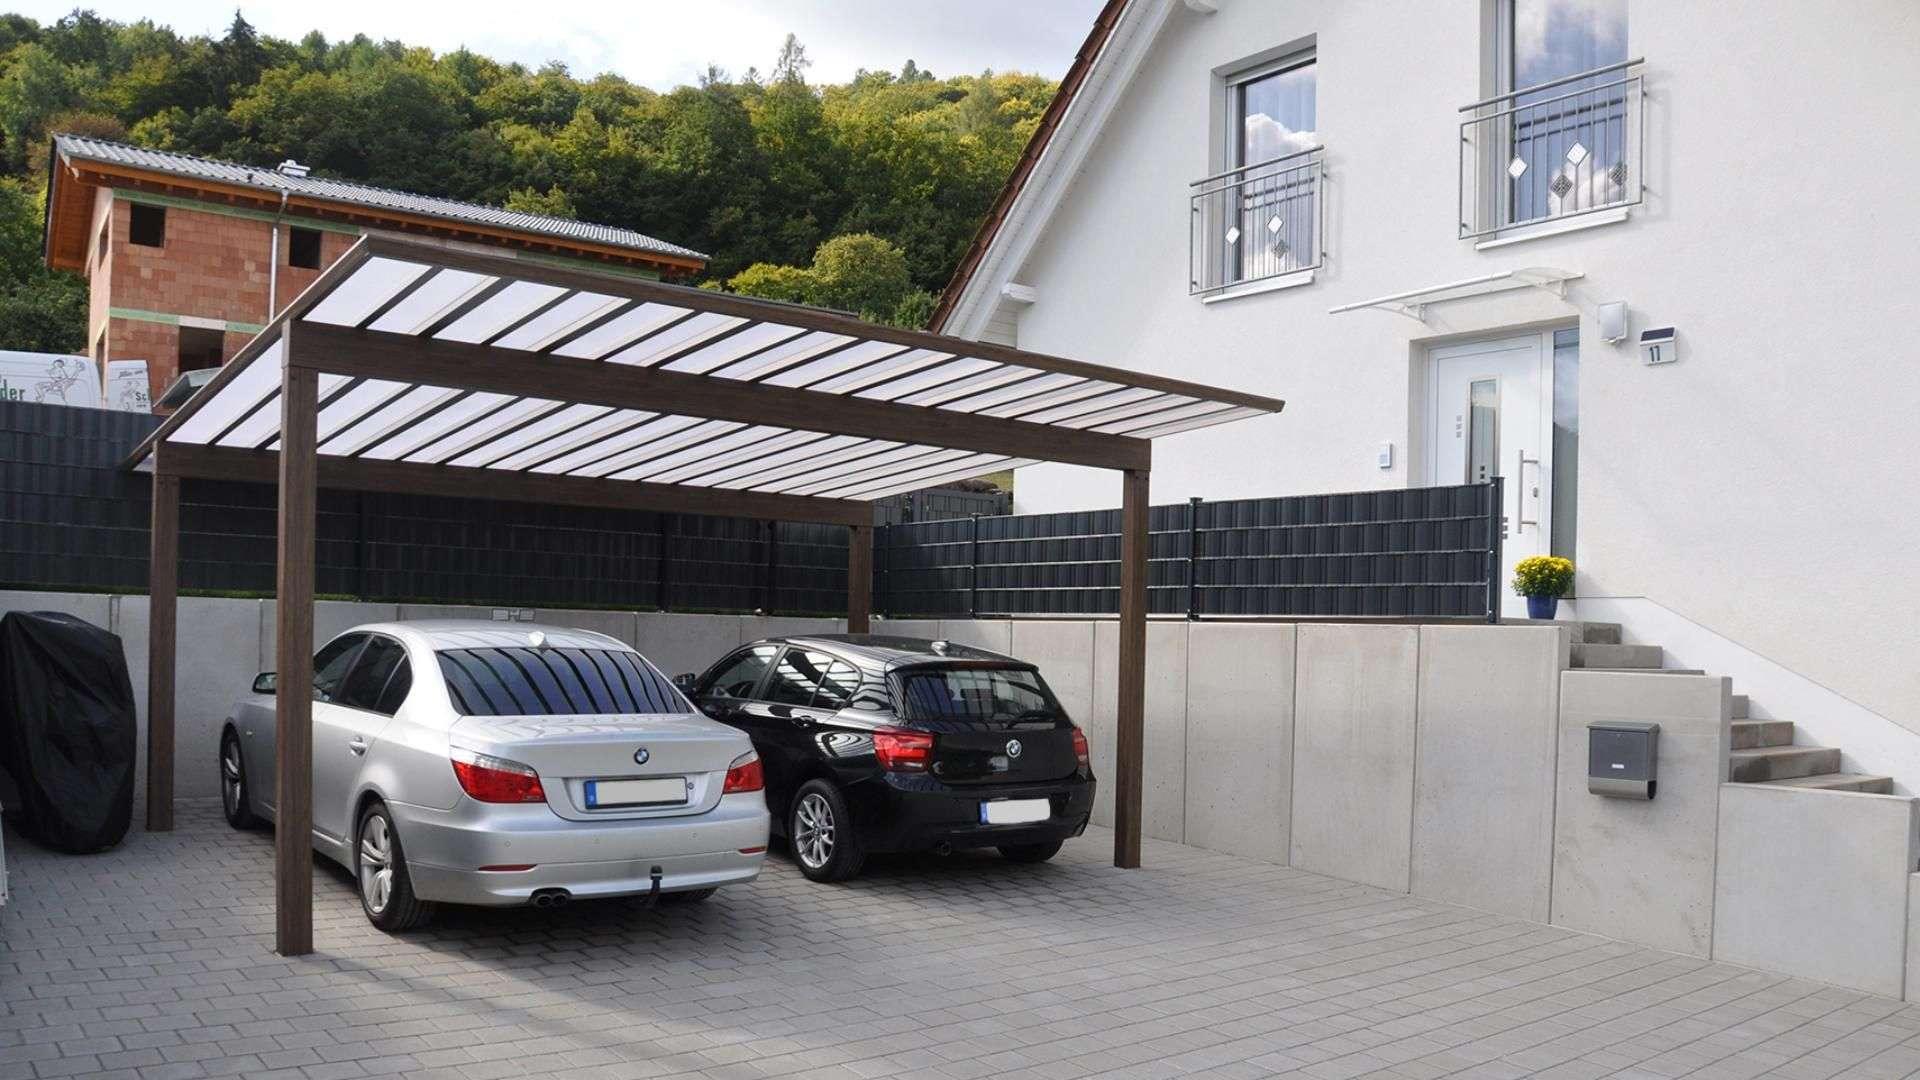 zwei Autos unter einem Carport Artport neben einem Wohnhaus